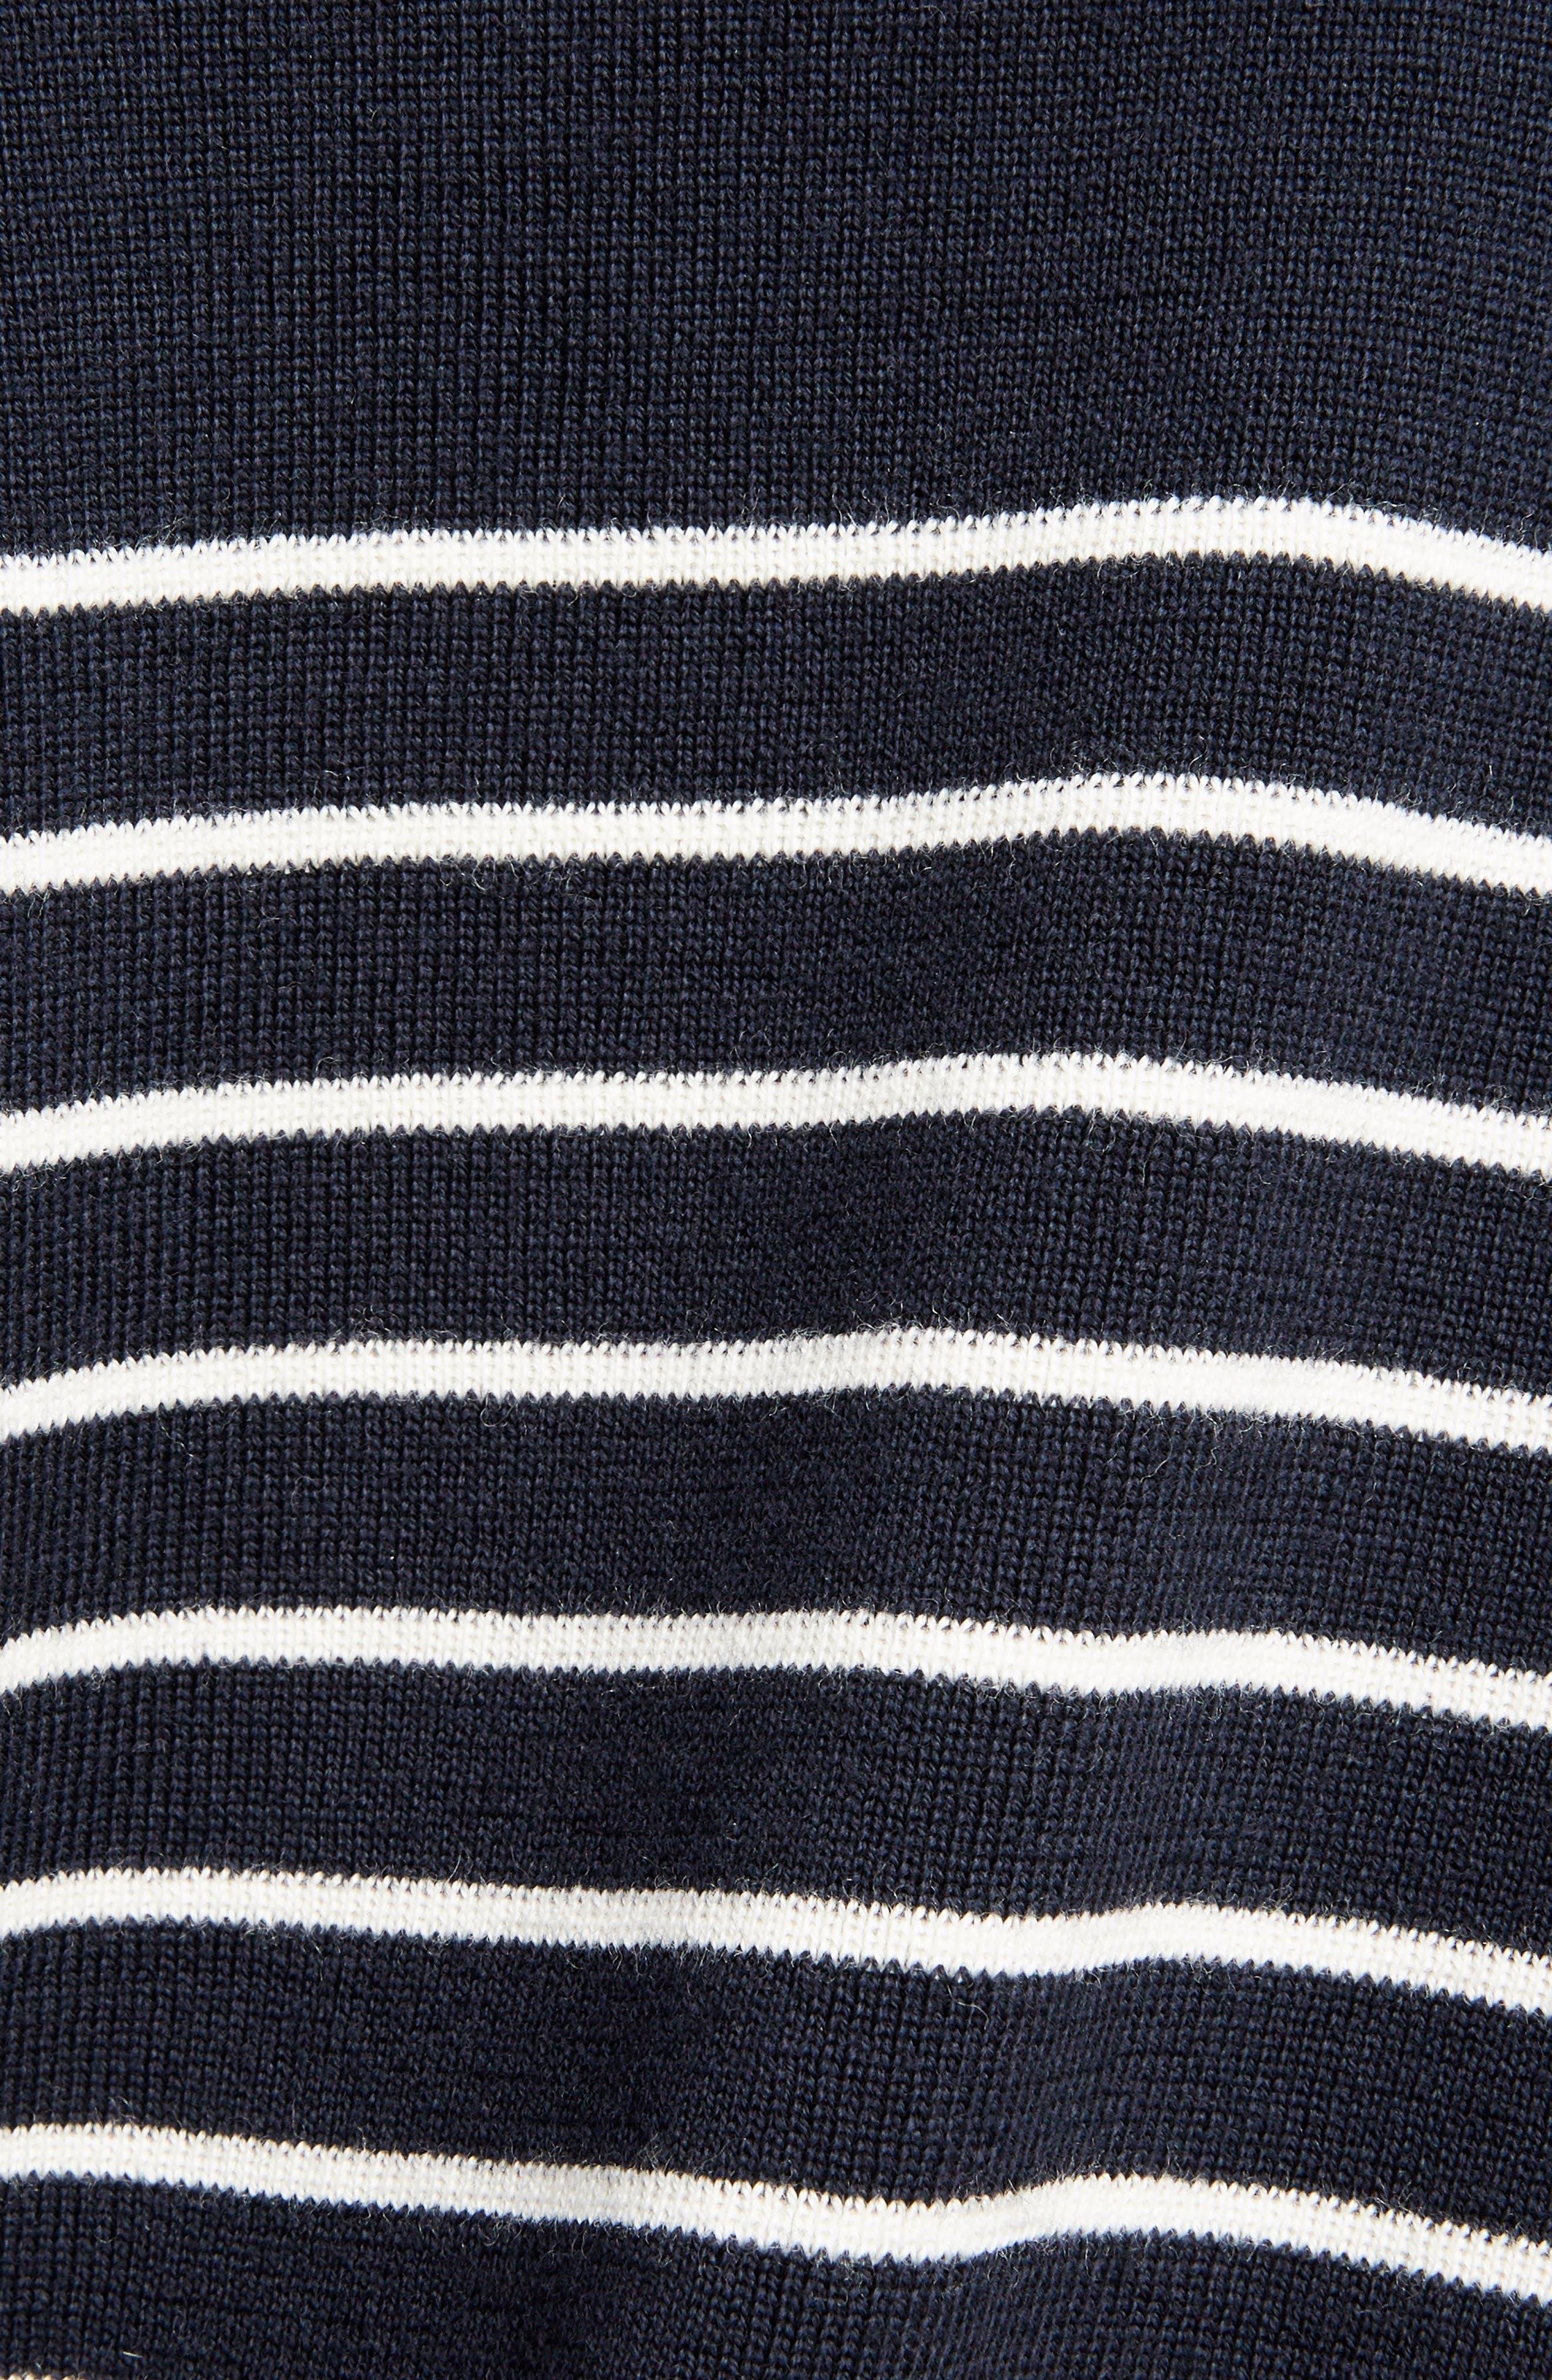 Circular Marinière Knit Top,                             Alternate thumbnail 5, color,                             400